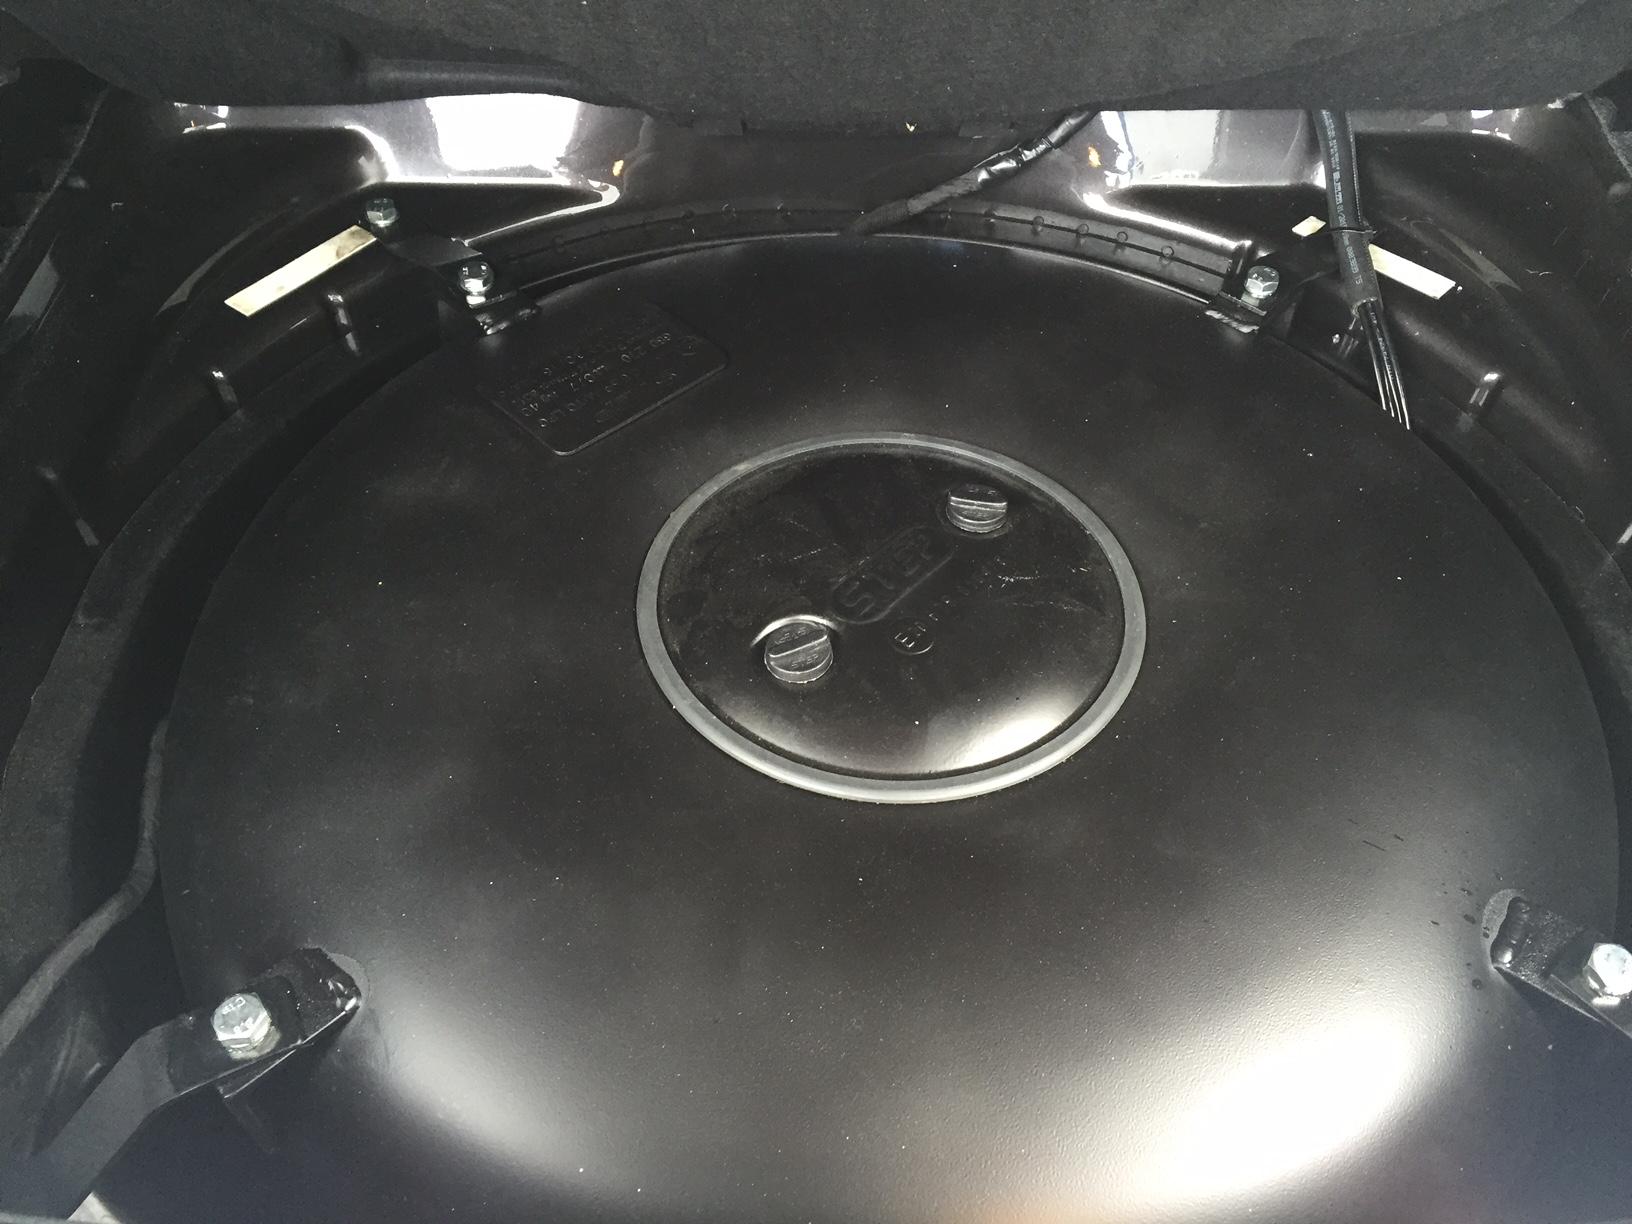 autogas_umruesstung-auf-lpg-autogas-vw-phaeton-36-fsi-direkteinspritzer-tank